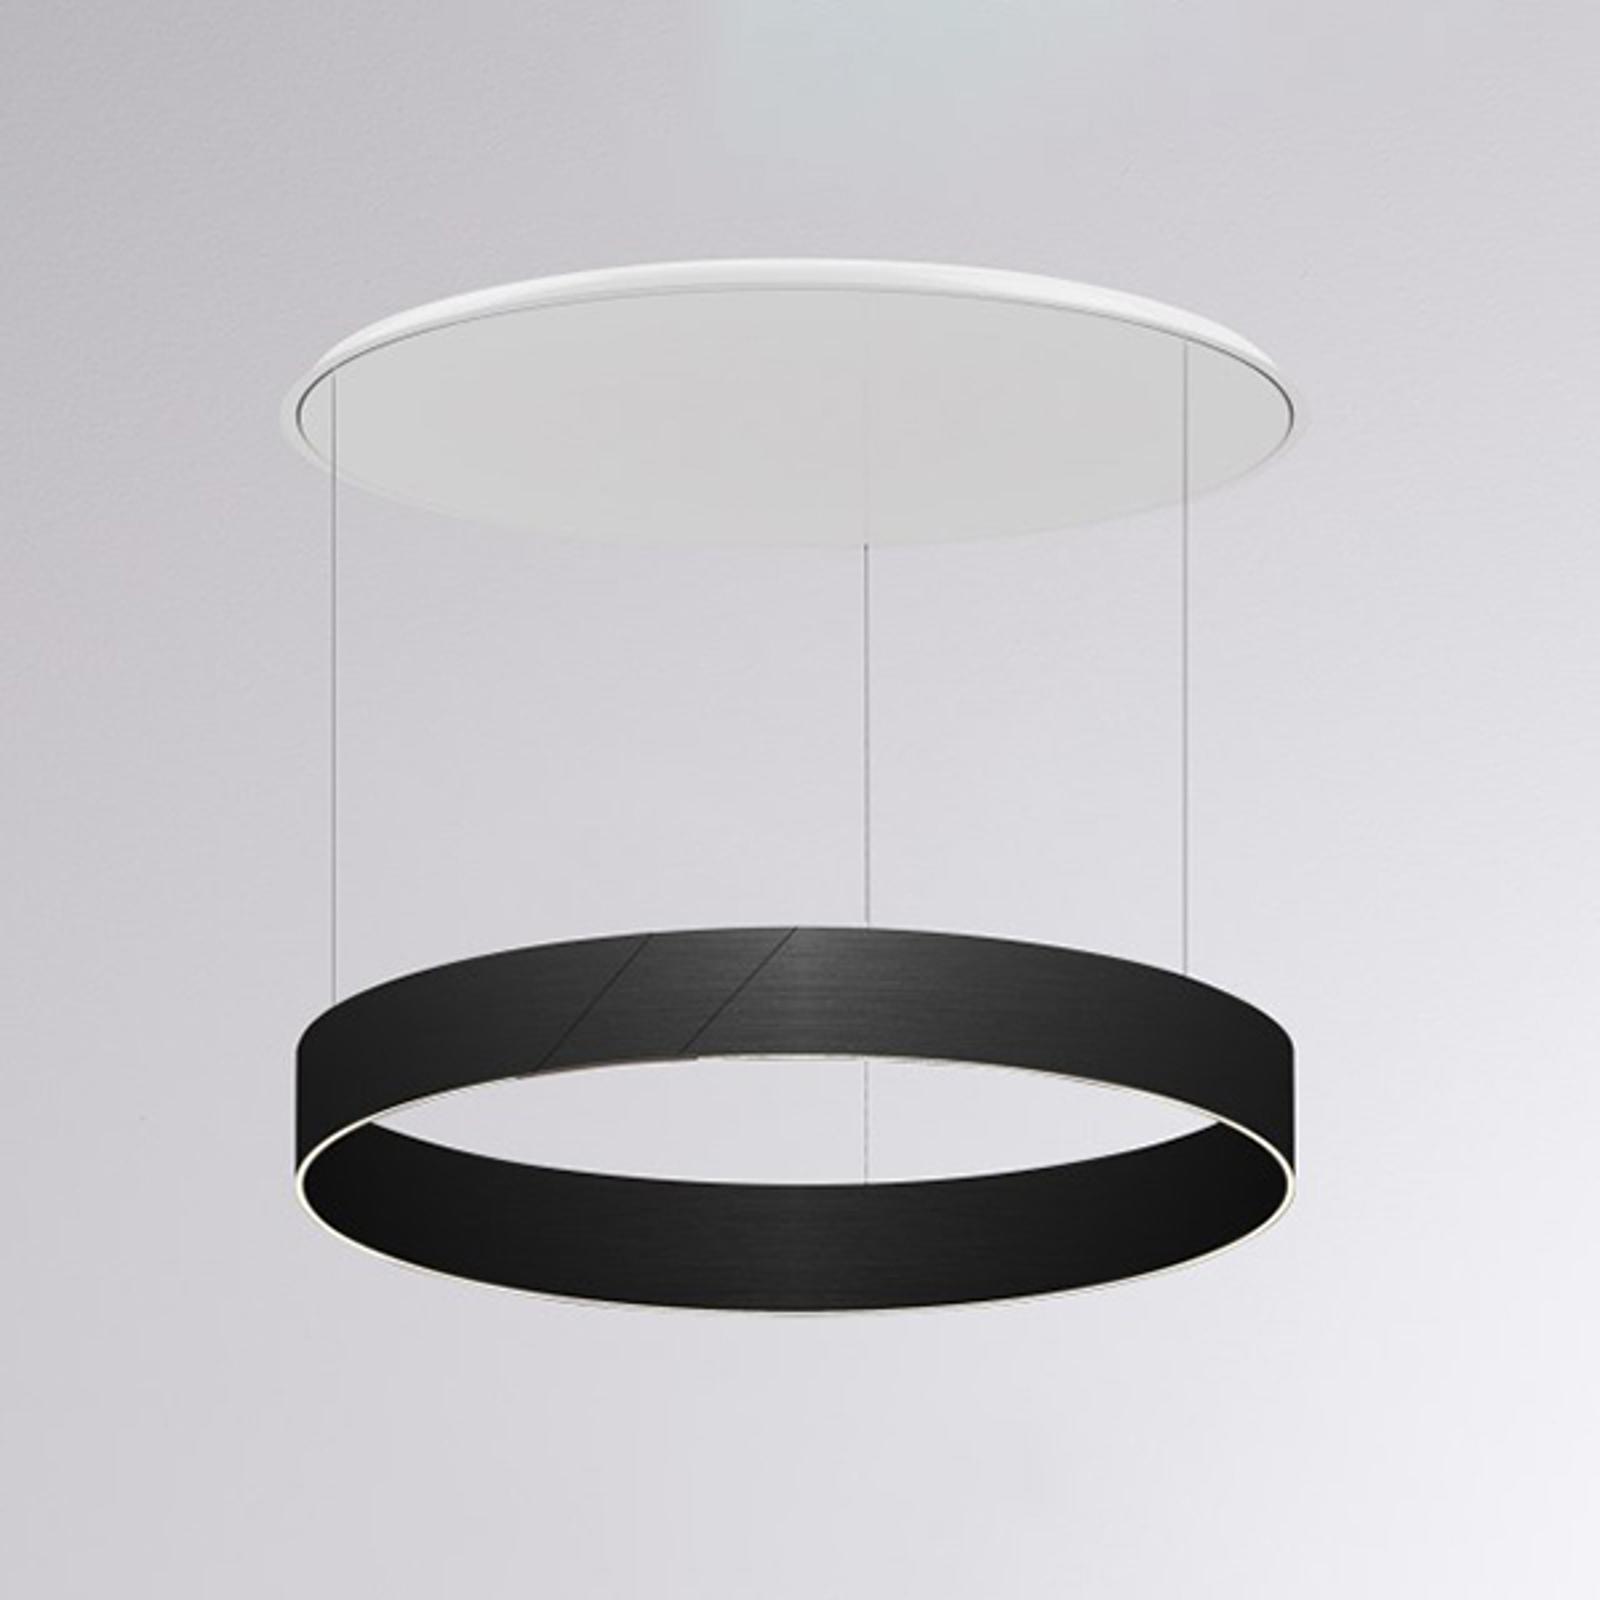 LED hanglamp After 8 Round 1-10V 3000K zwart